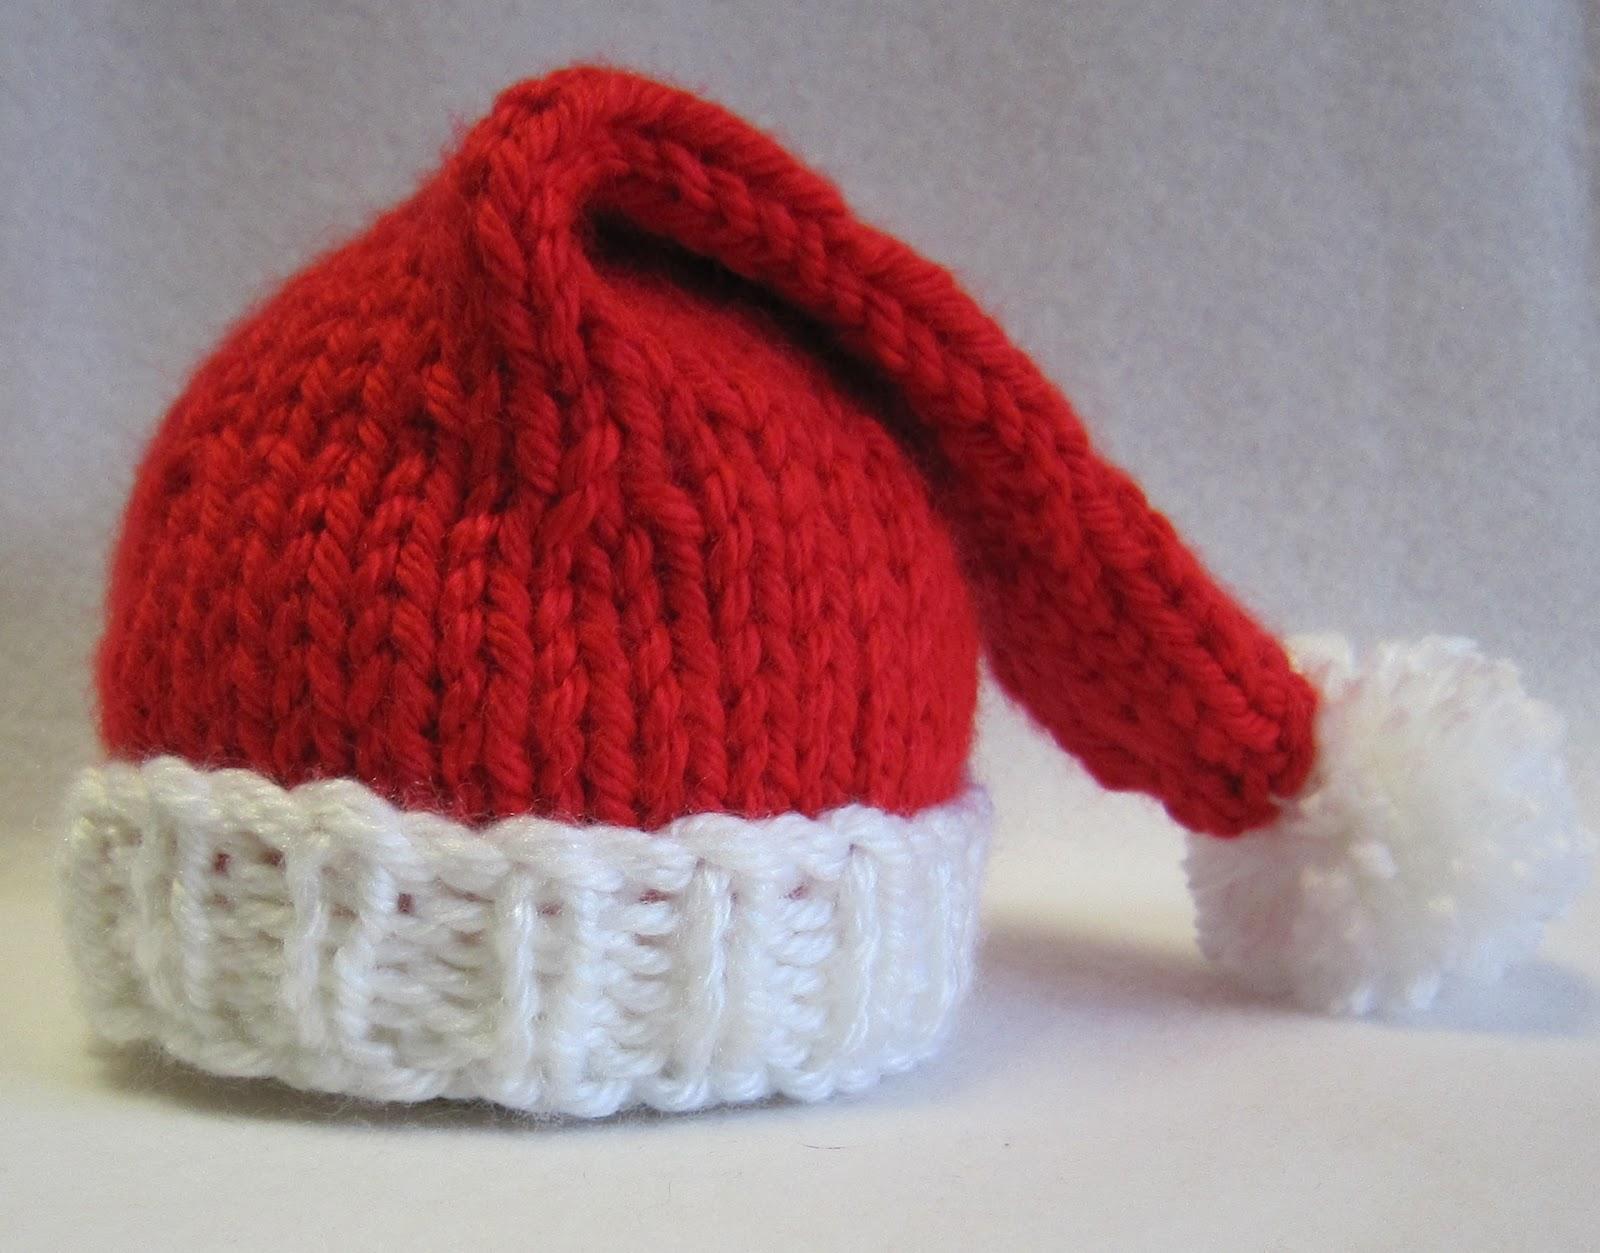 #871218 Modèle Tricot Bonnet De Pere Noel 7106 Deco De Noel Tricot 1600x1253 px @ aertt.com